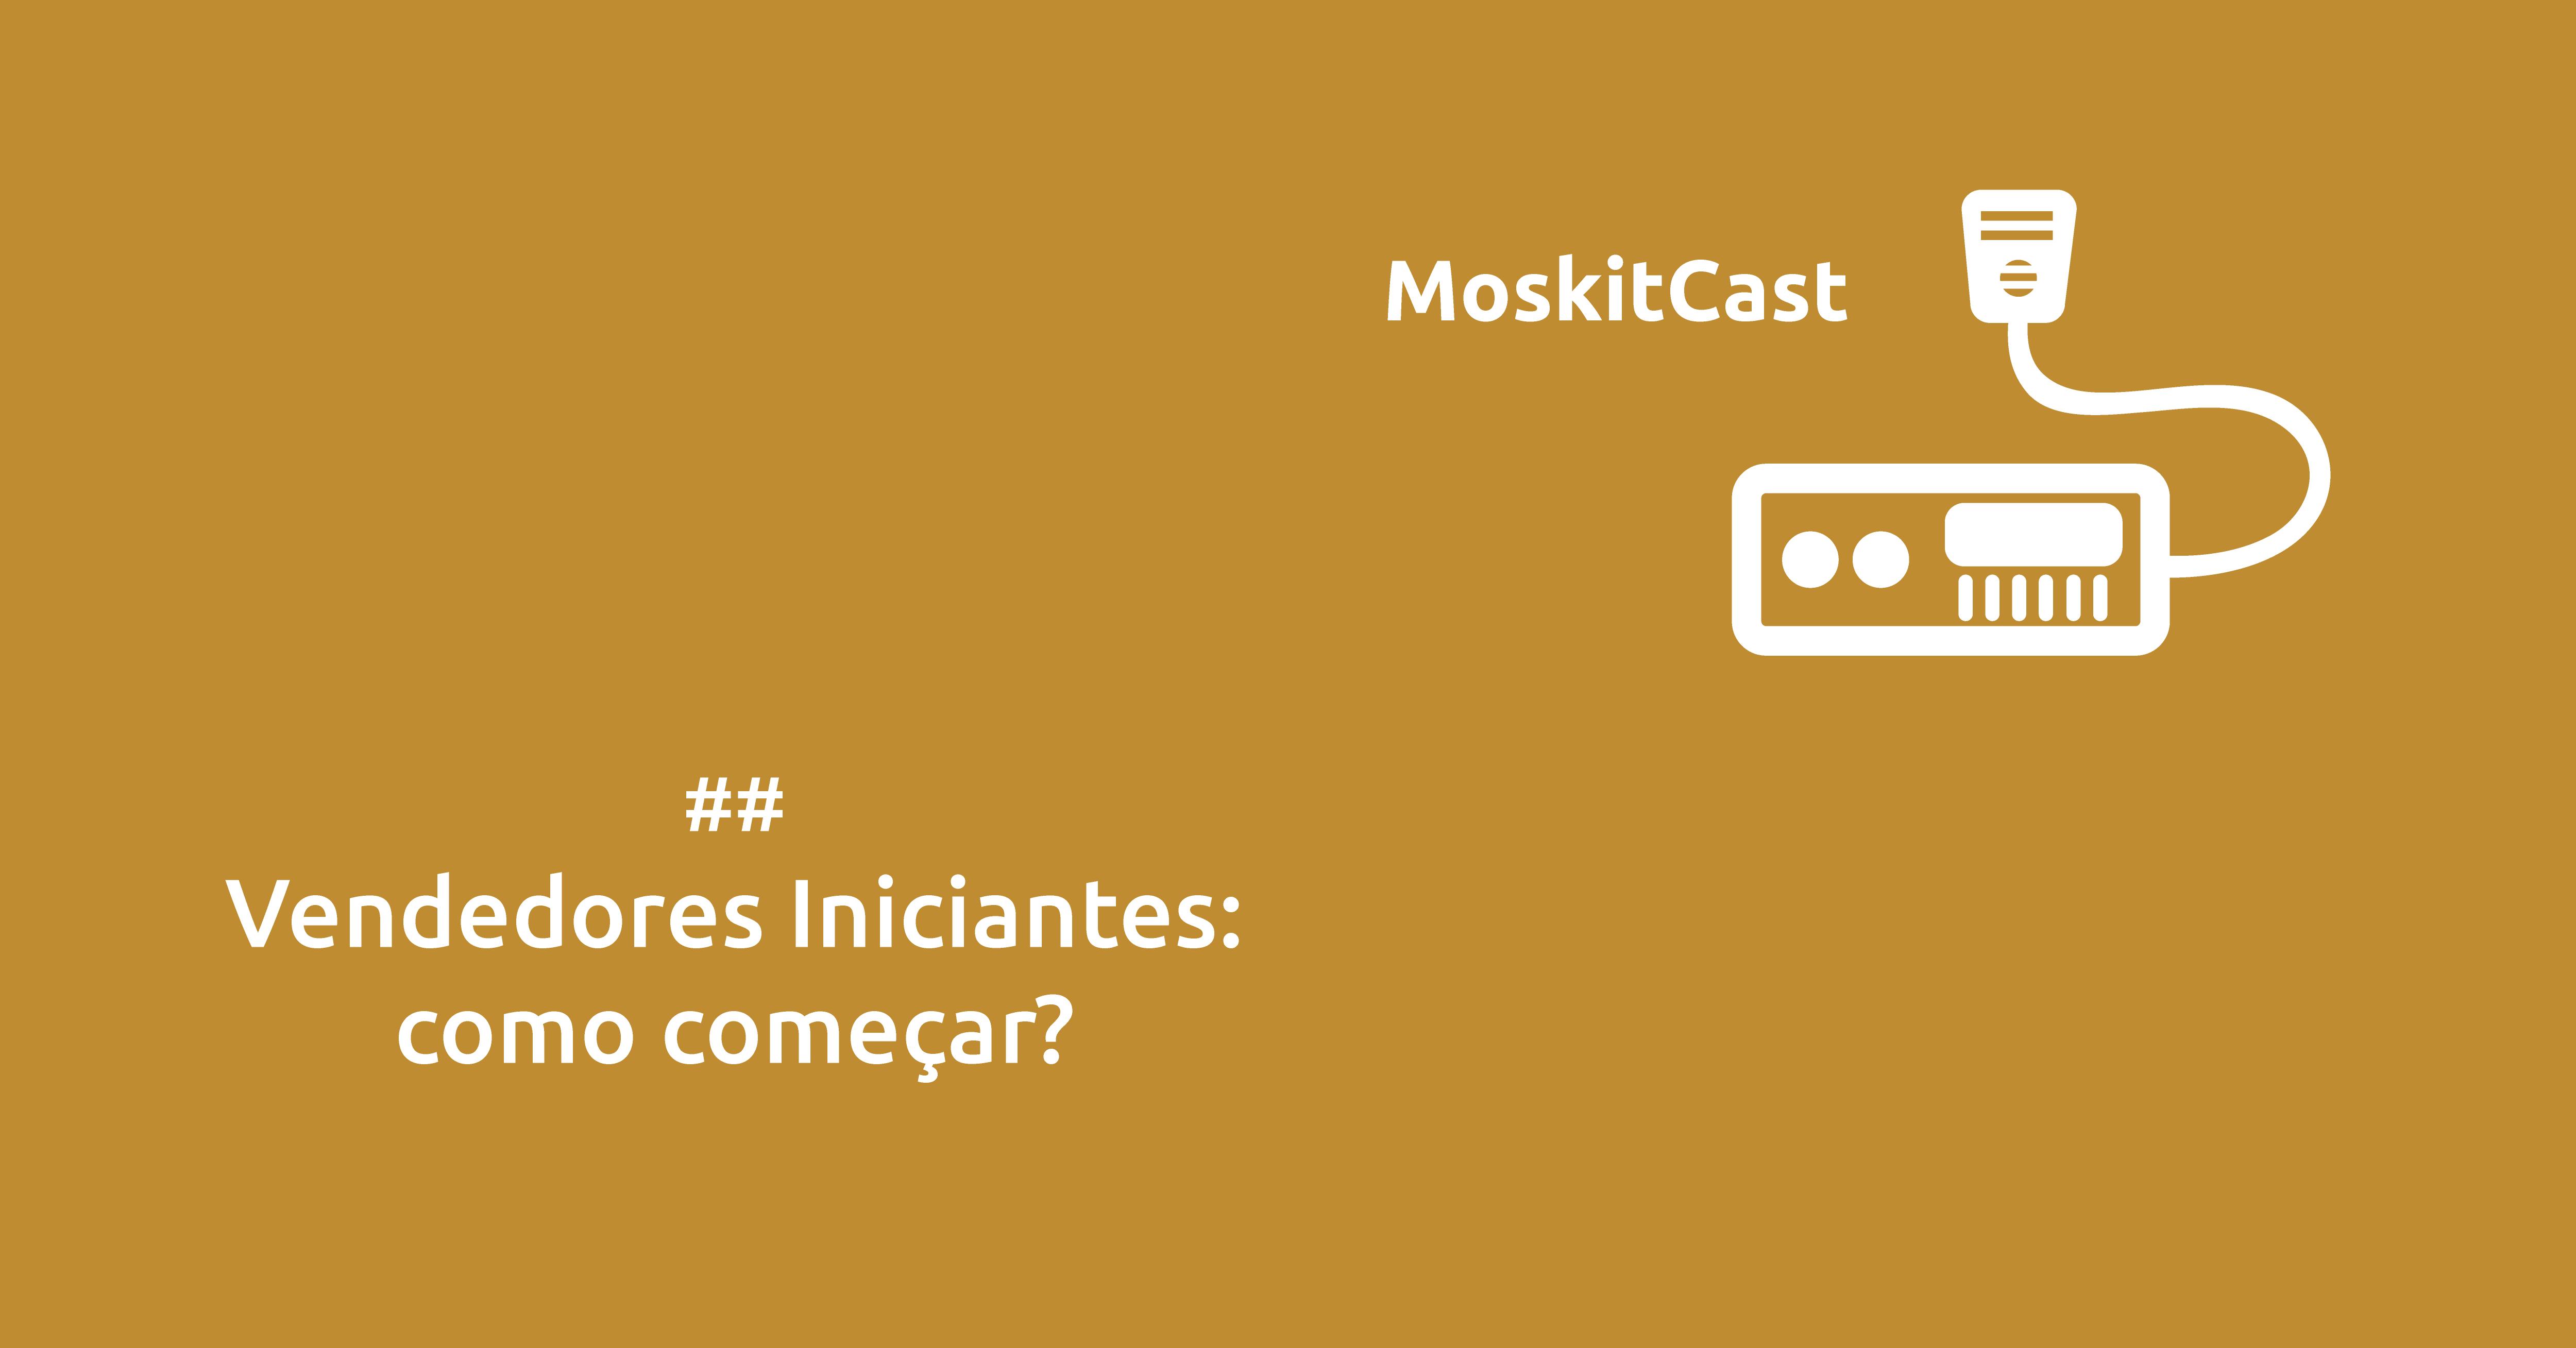 Moskitcast: Vendedores Iniciantes, como começar a vender?